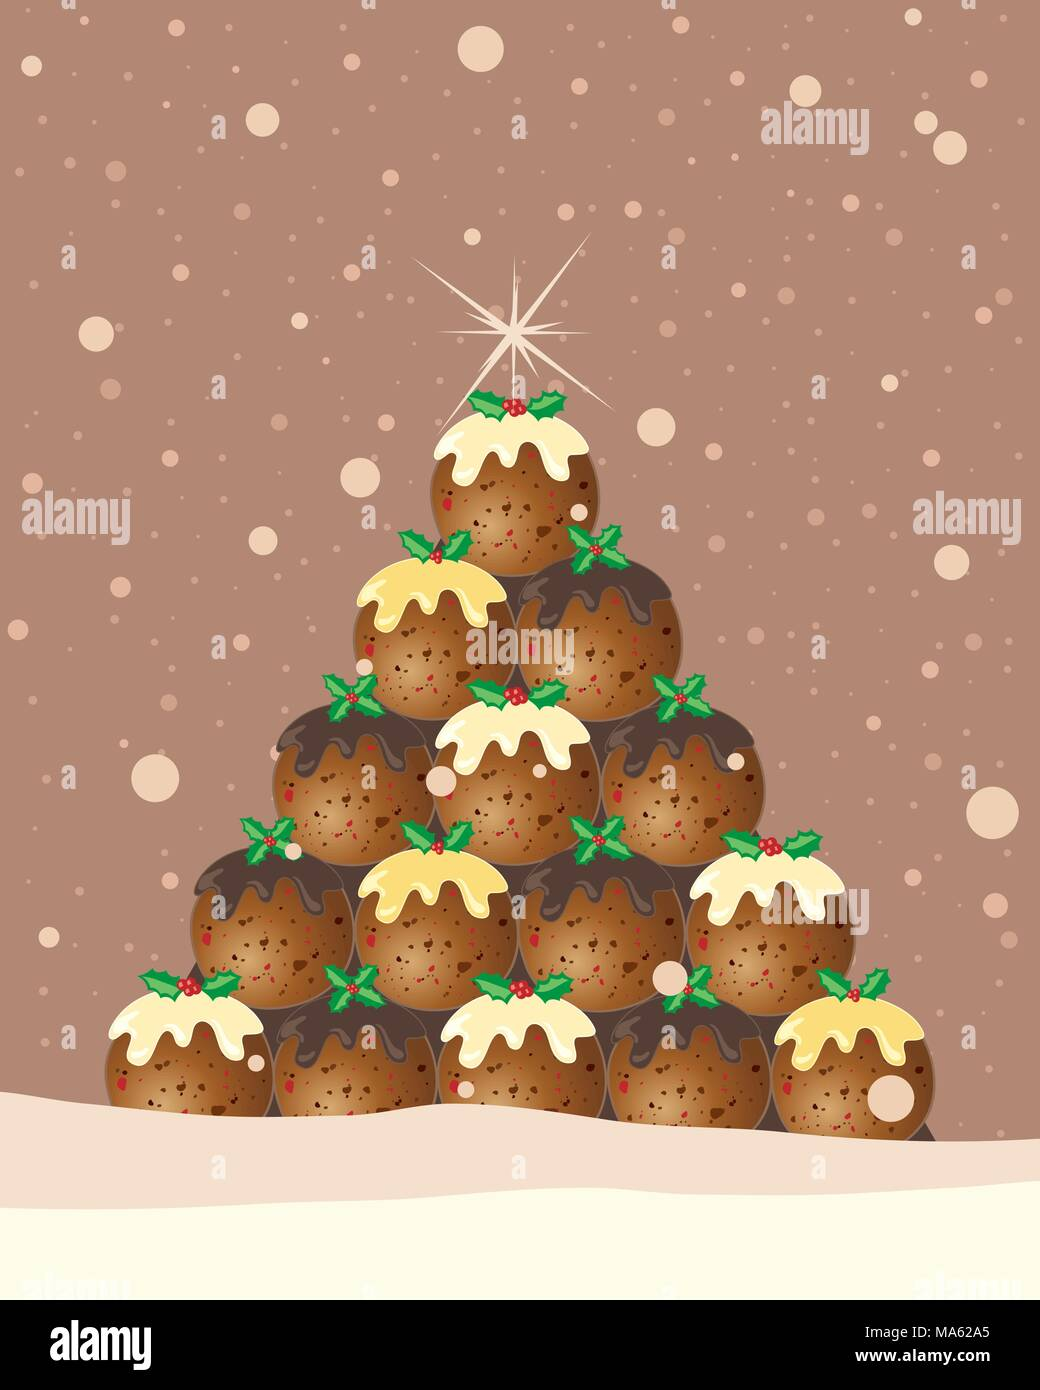 Una illustrazione vettoriale in formato eps 10 formato di un budino di Natale tree greeting card design con holly e fiocchi di neve su un cioccolato sfondo marrone Immagini Stock